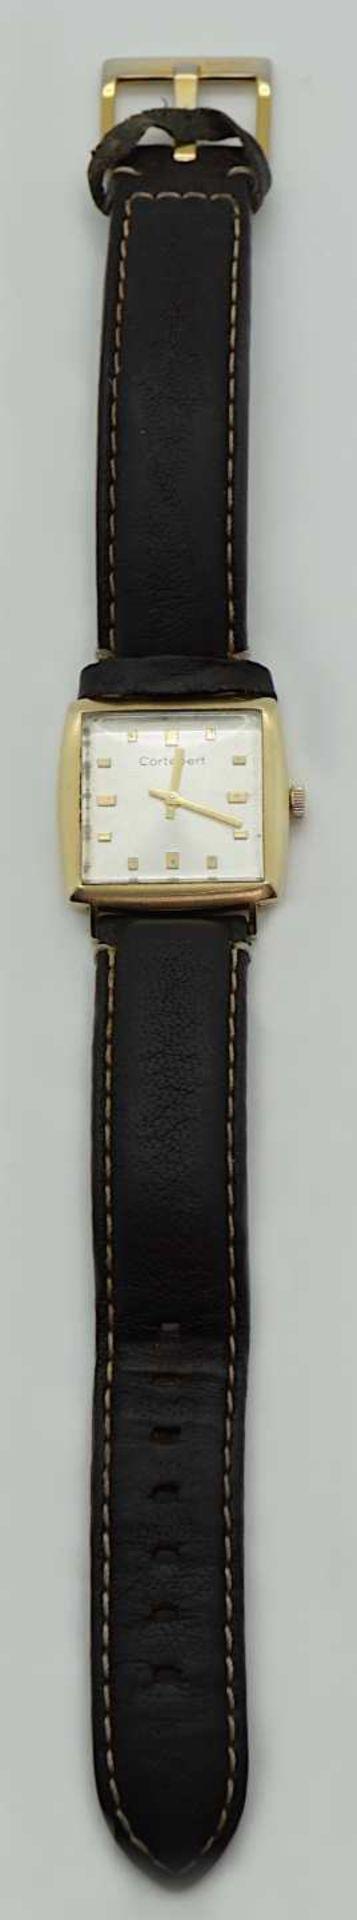 1 Armbanduhr GG CORTÉBERT Gehäuse GG 14ct. Handaufzug Lederband ergänzt je Gsp. - Bild 2 aus 2